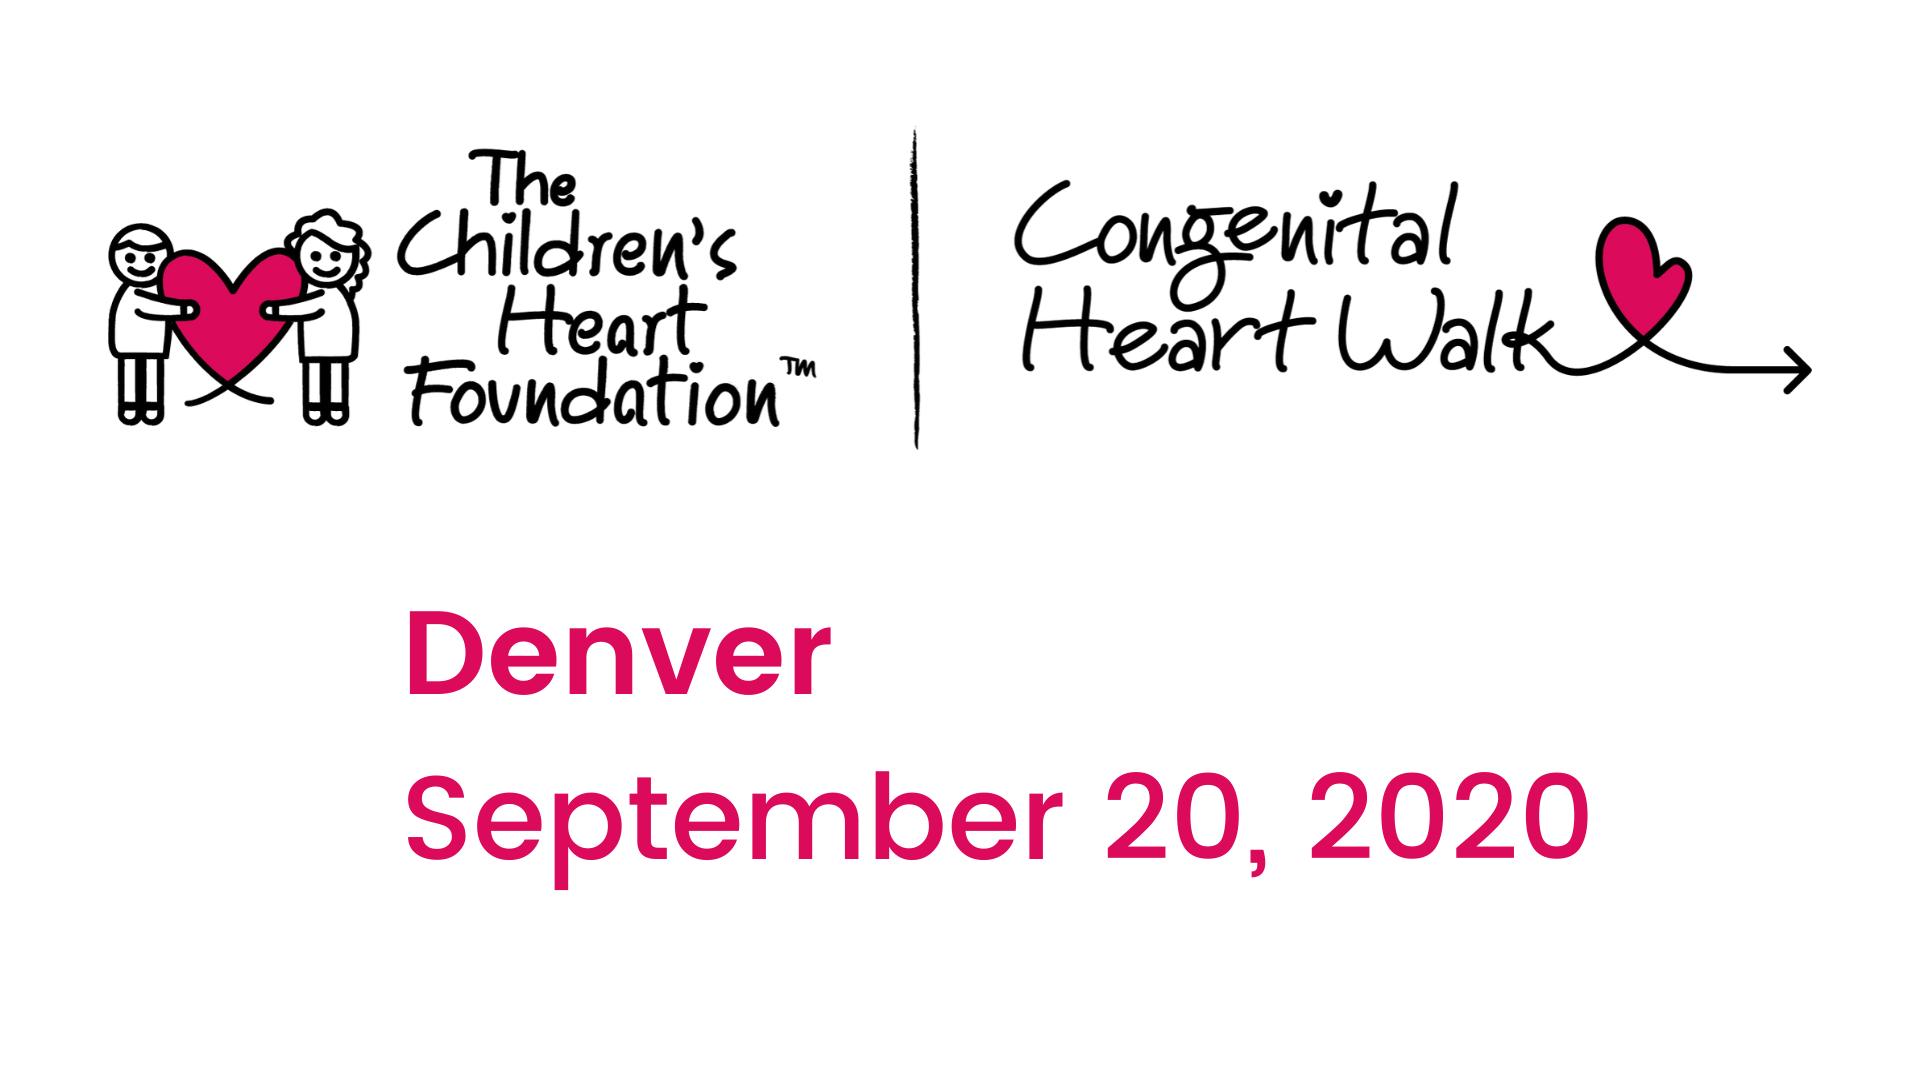 Denver Congenital Heart Walk (Colorado)